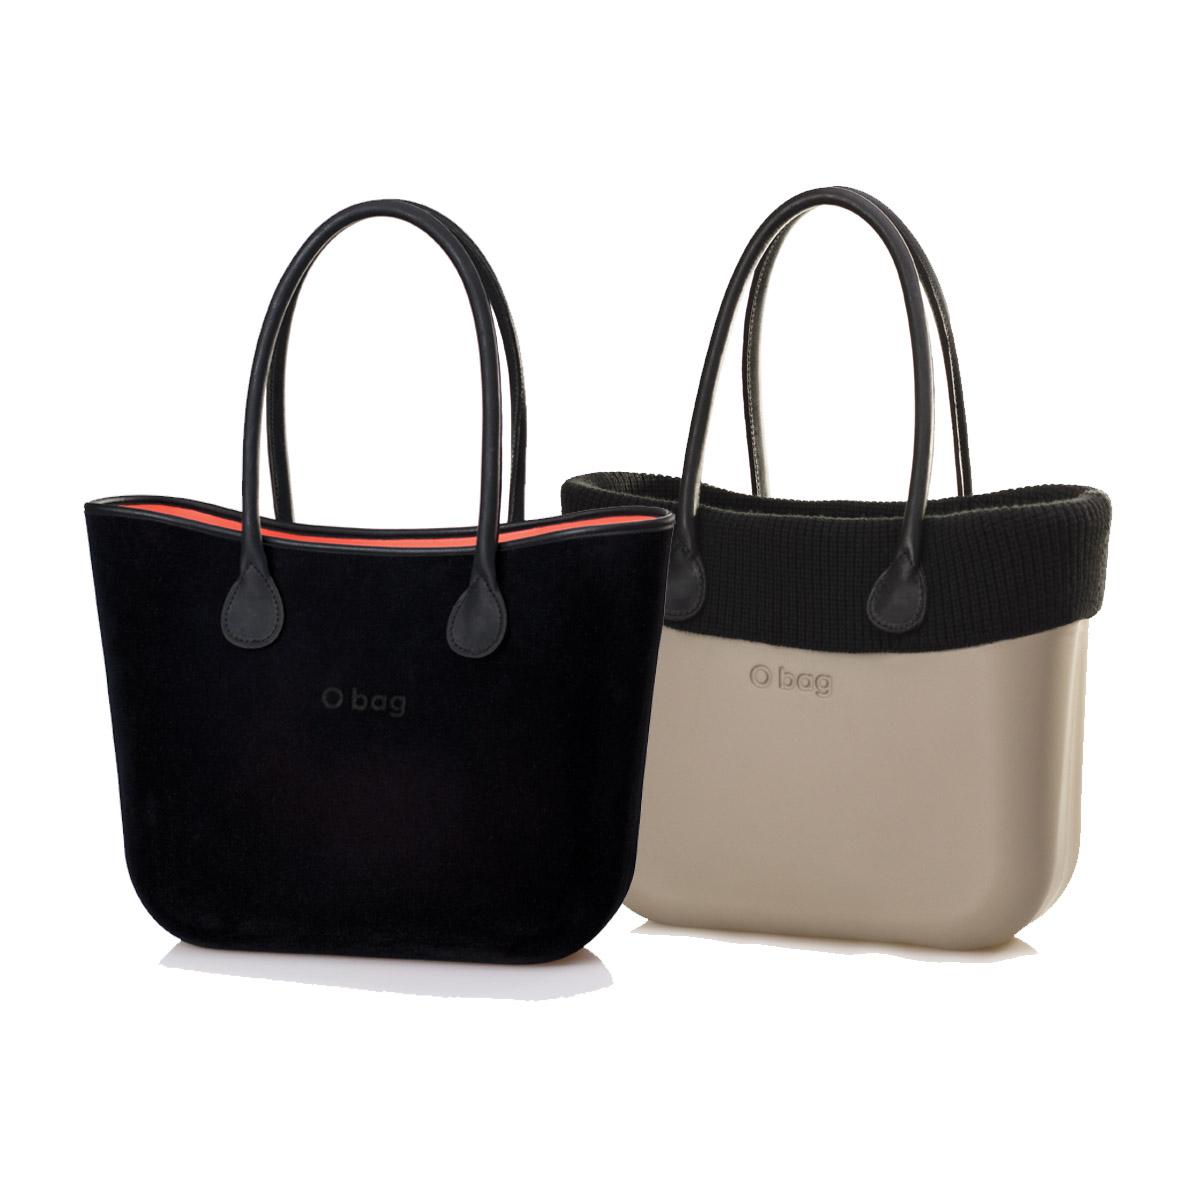 O bag torba o wielu obliczach czytajniepytaj for Interno o bag